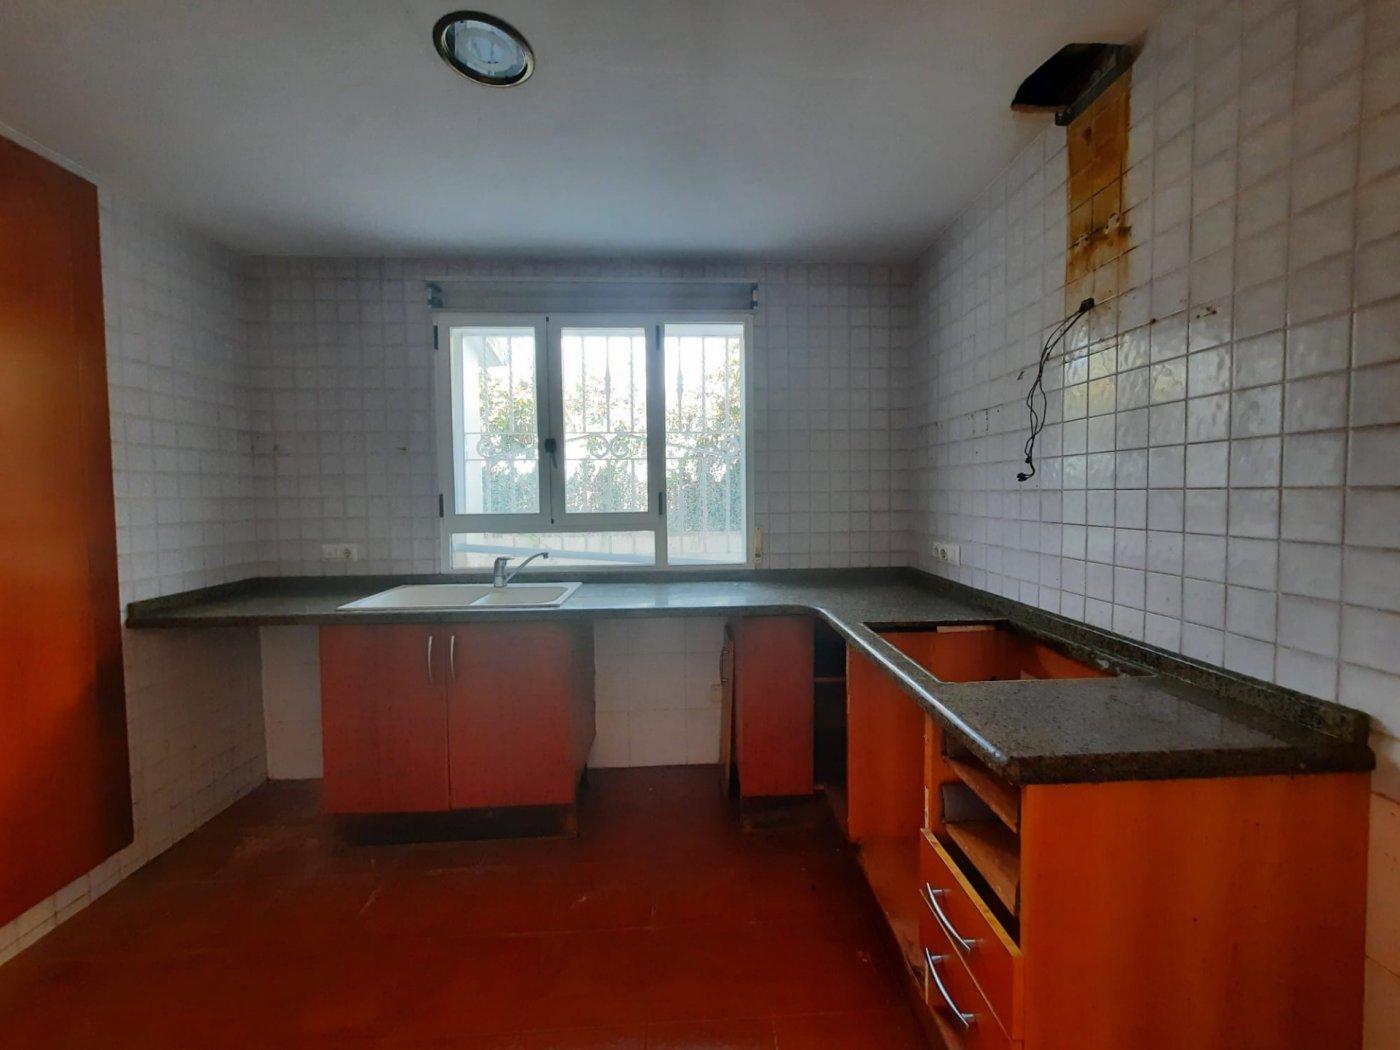 Chalet independiente en venta en calle penya-roja (de la), 28, 46728, gandia (valencia) - imagenInmueble21